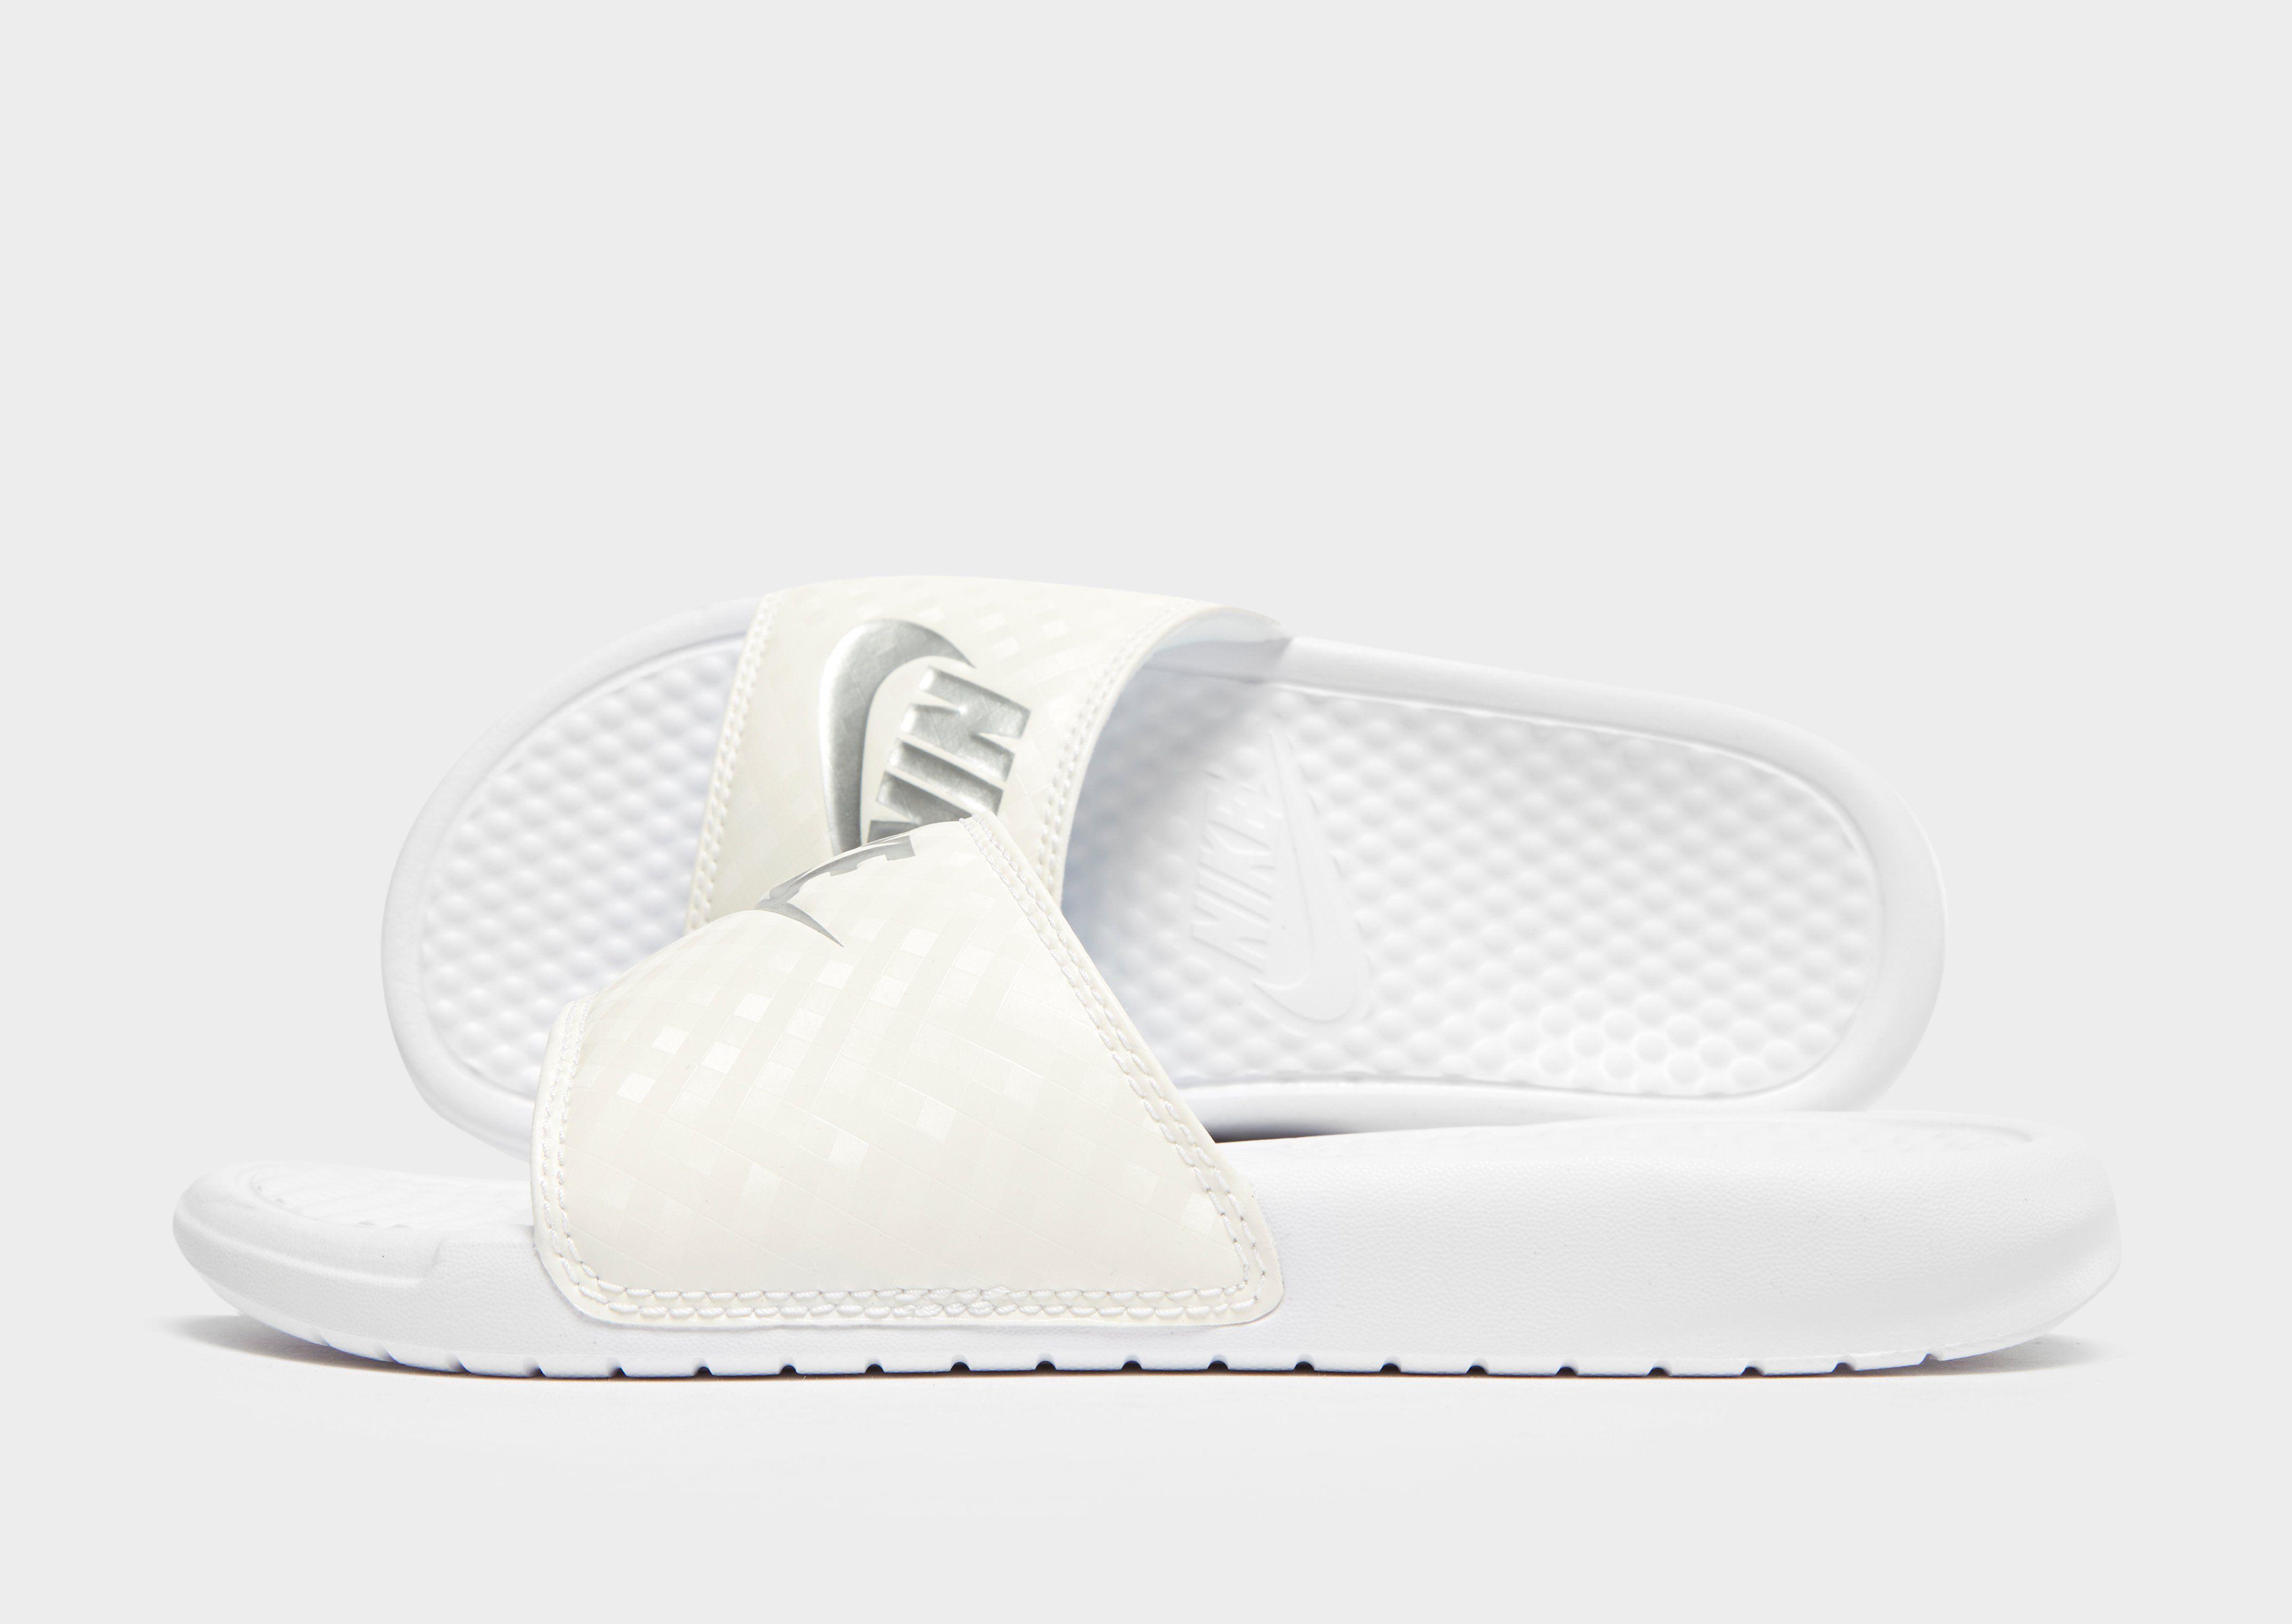 83763d902ed0 Nike Benassi Just Do It Slides Women s